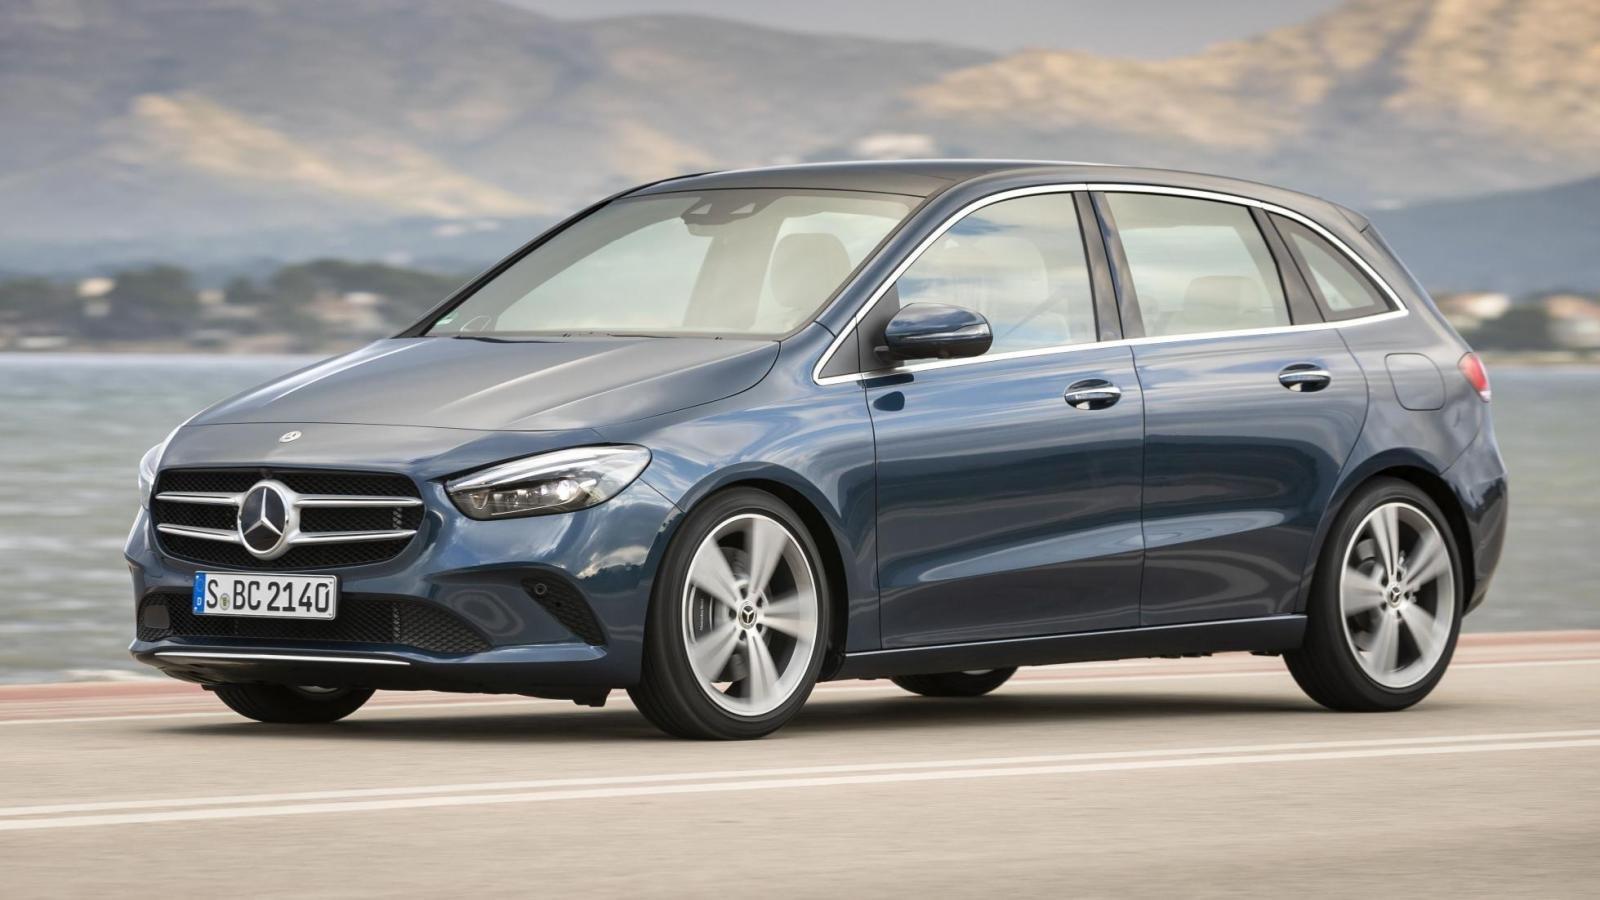 Đánh giá xe Mercedes-Benz B-Class 2020 về thân xe: góc 3/4 thân xe